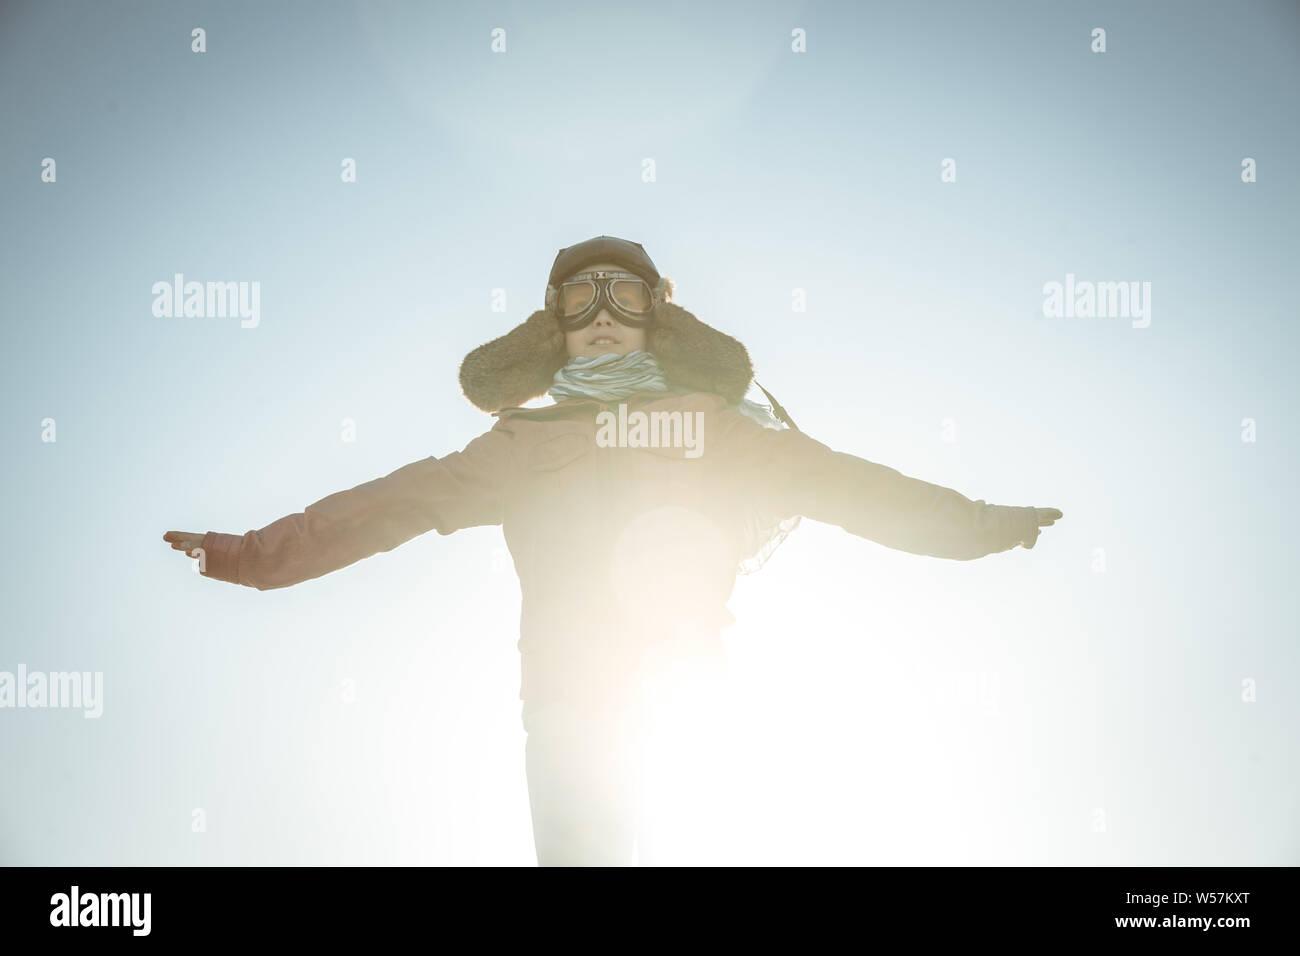 Bel ragazzo gioca felicemente gara con aereo gioiosamente fingendo di decollare dissimulata come un vintage pilota di aviazione hat, occhiali maschera giacca in pelle un Foto Stock